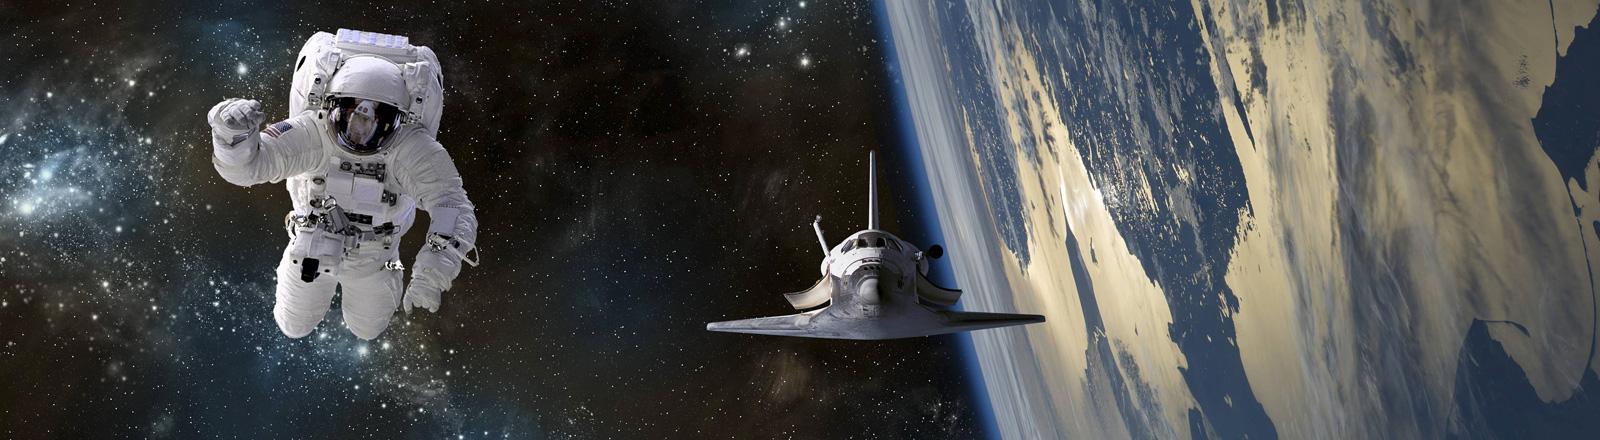 Ein Astronaut bewegt sich frei im All. Neben ihm ist ein Space Shuttle. Im Hintergrund die Erde.